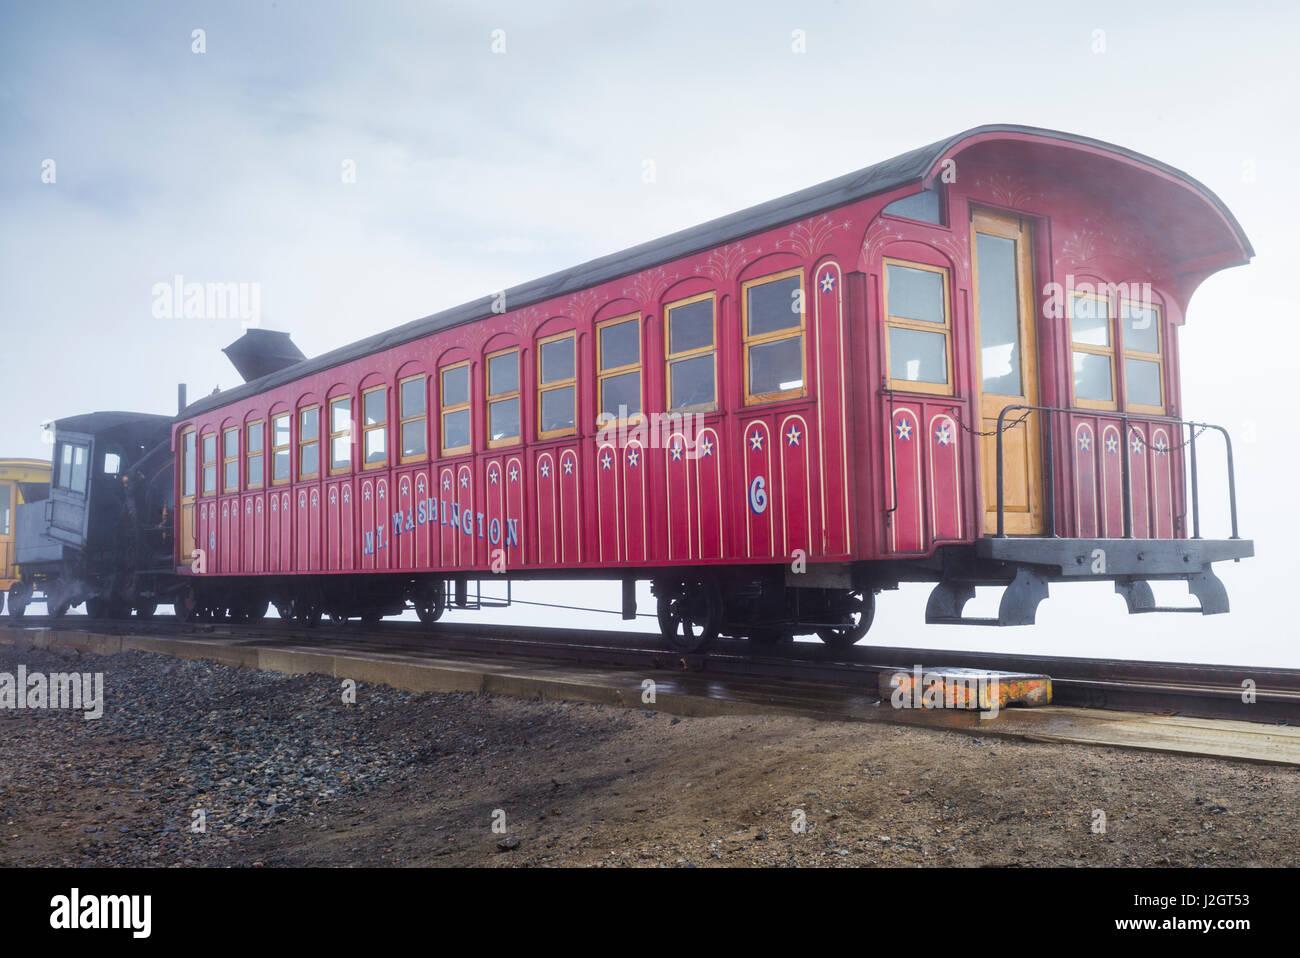 USA, New Hampshire, White Mountains, Bretton Woods, Mount Washington Cog Railway Stock Photo